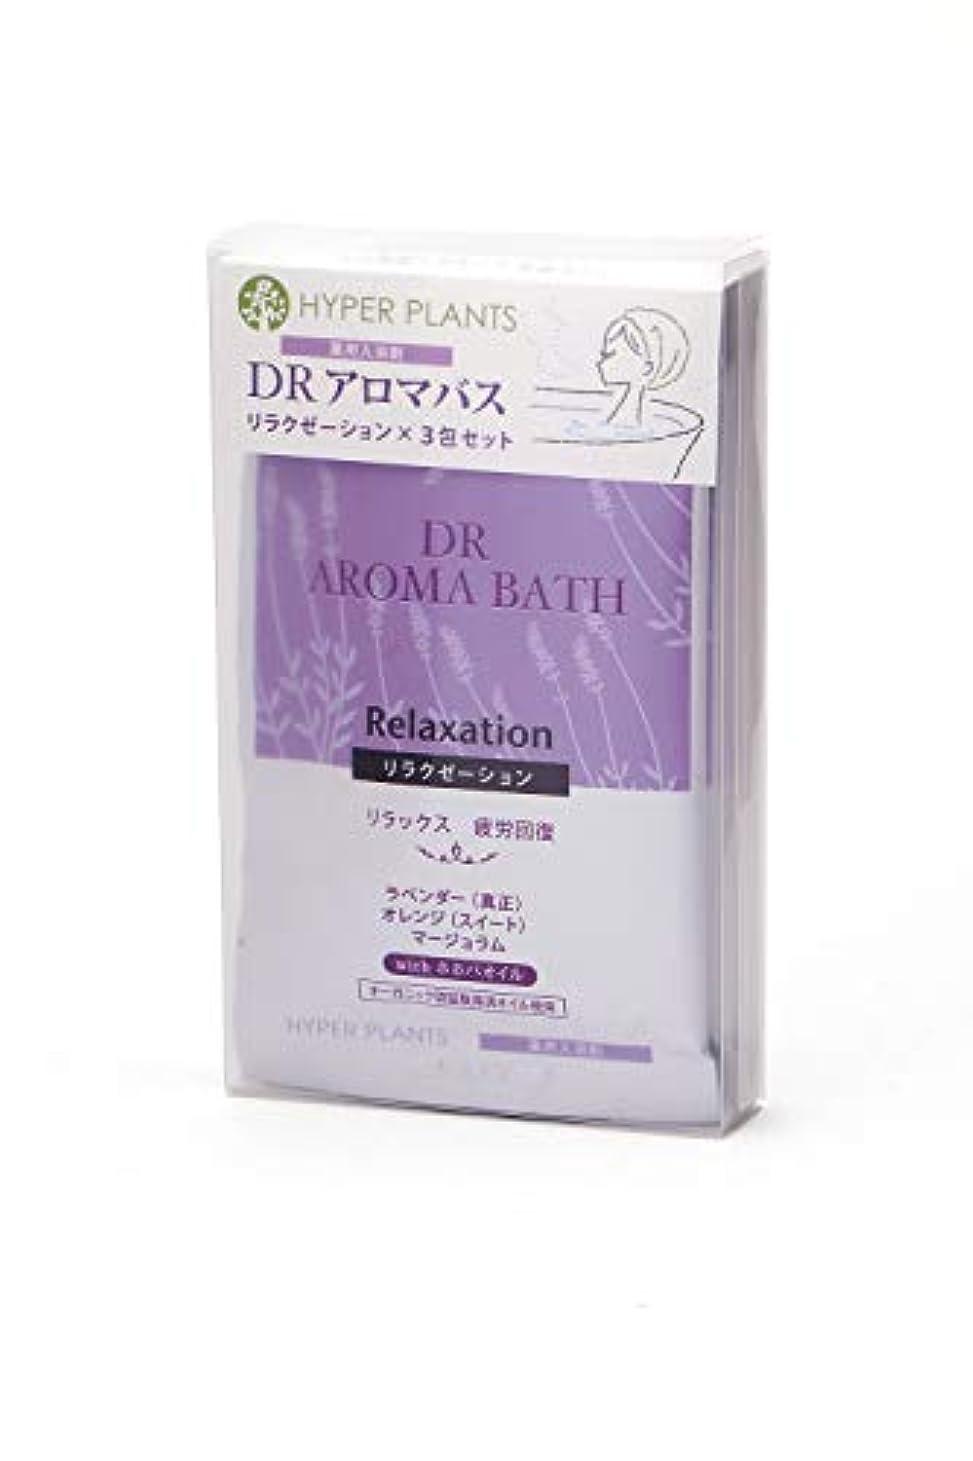 胃移行する中間医薬部外品 薬用入浴剤 ハイパープランツ DRアロマバス リラクゼーション 3包セット